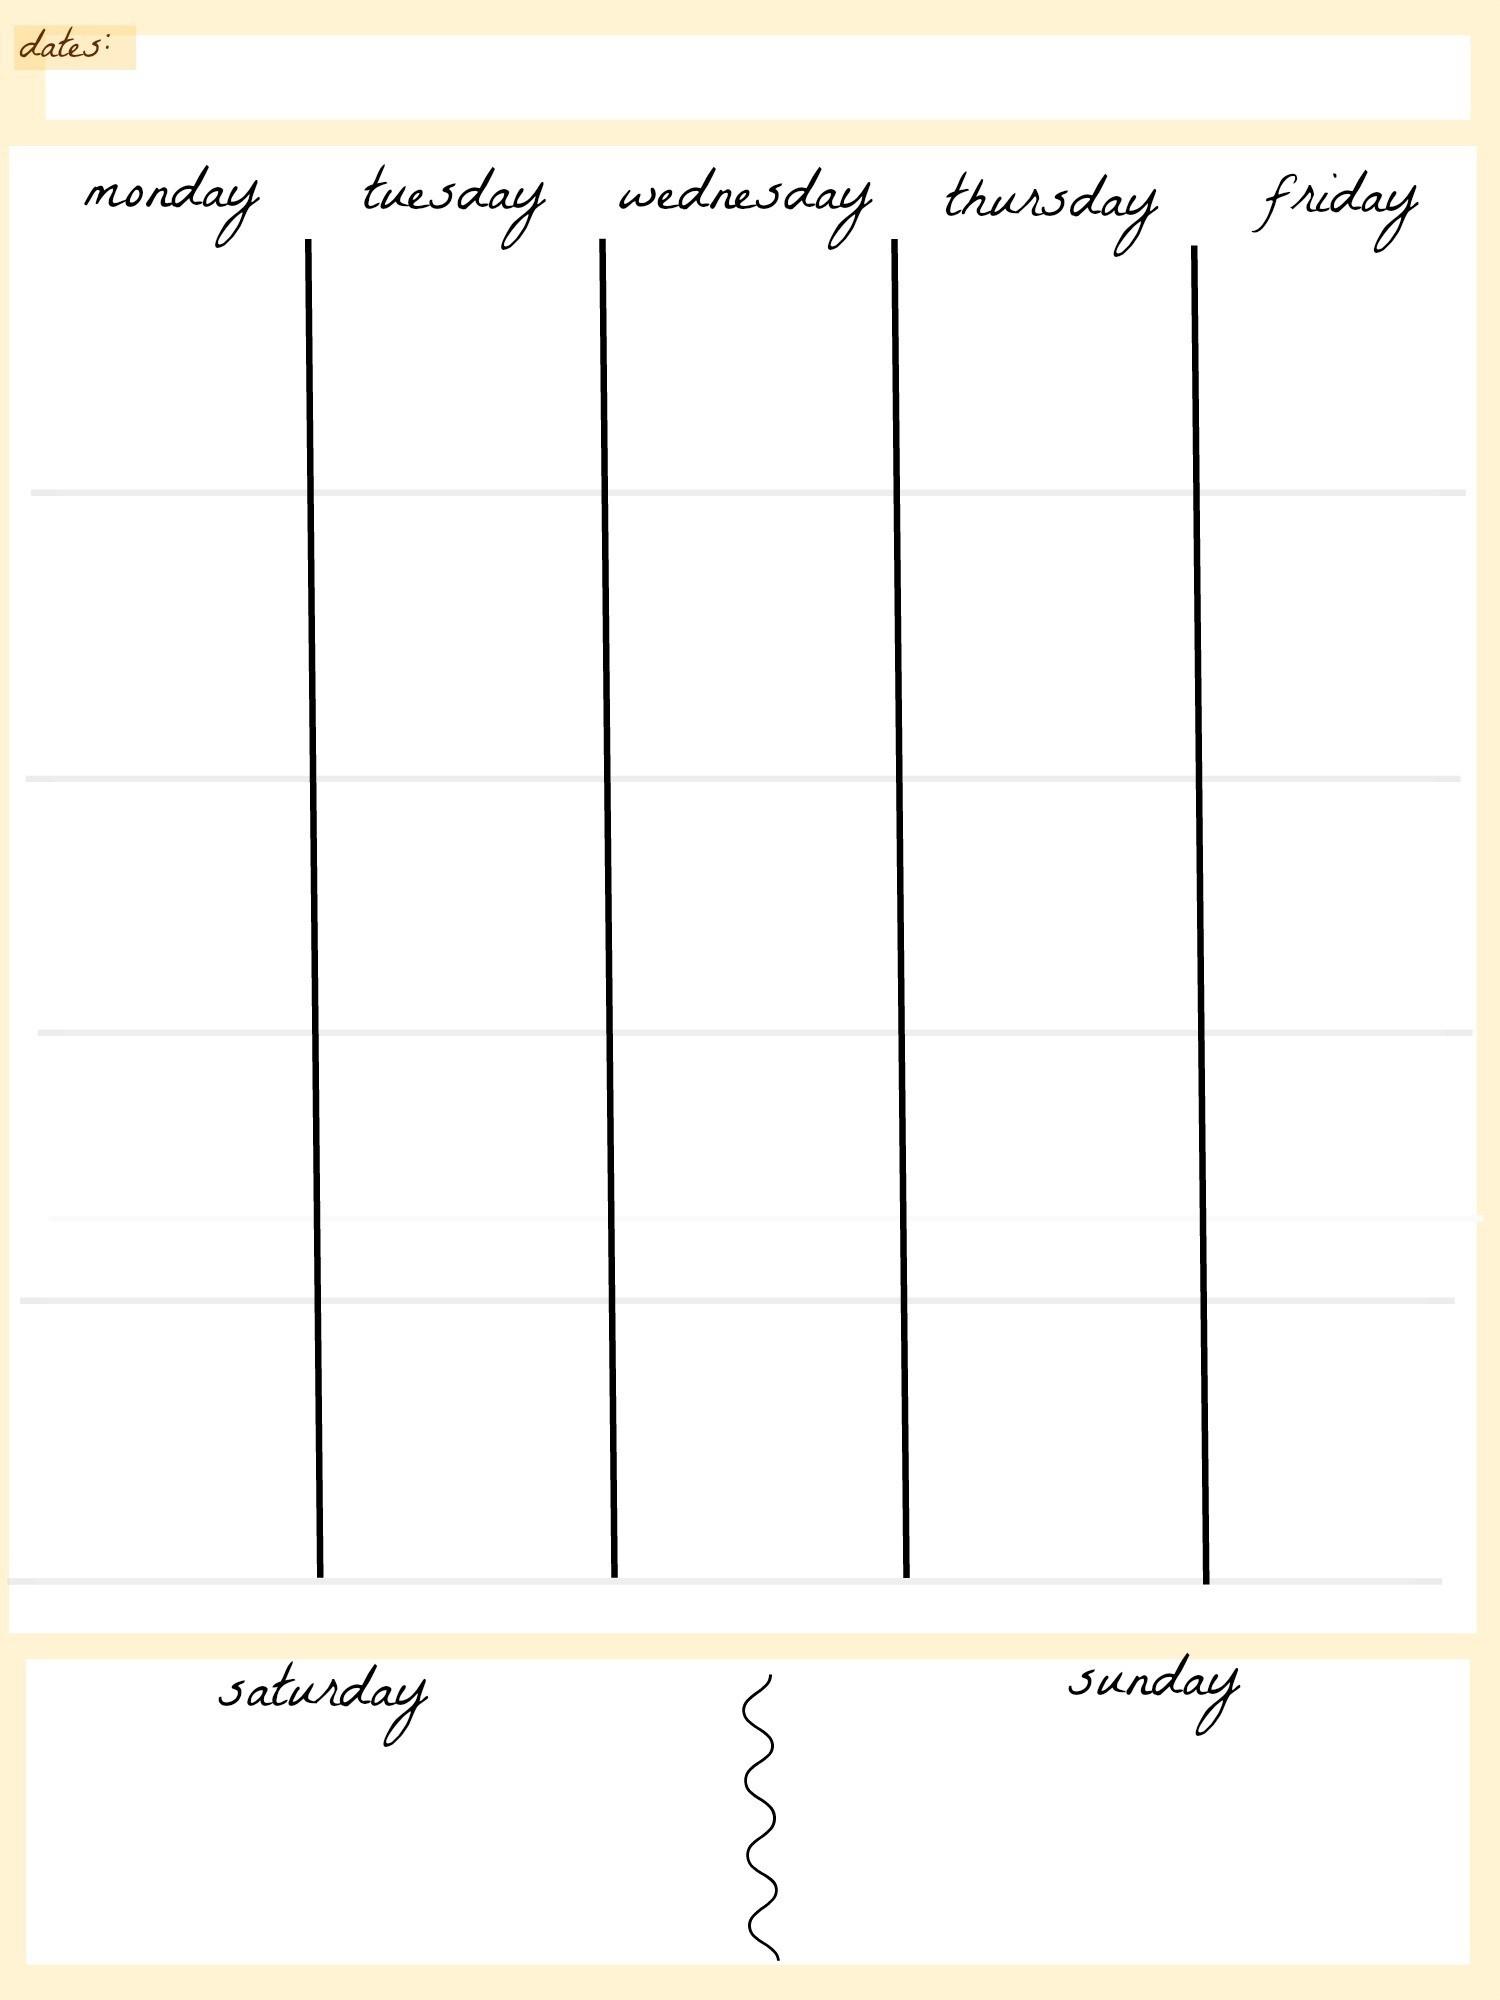 5 Day Week Calendar Templates | Calendar Template Printable with regard to 5 Day Week Calendar Template